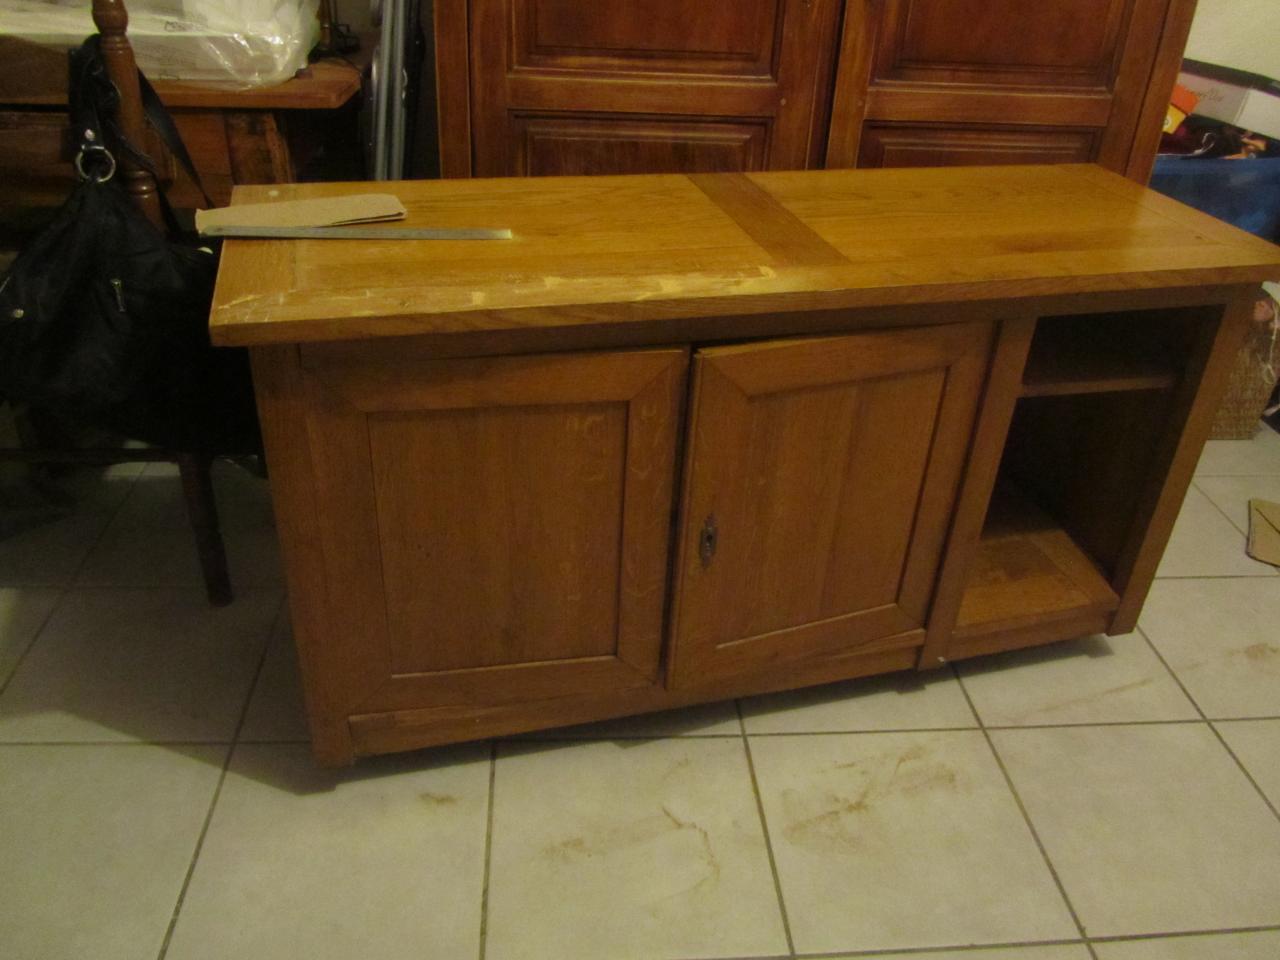 tapes de r novation et tranformation d 39 un vieux meuble trouv dans vide grenier. Black Bedroom Furniture Sets. Home Design Ideas